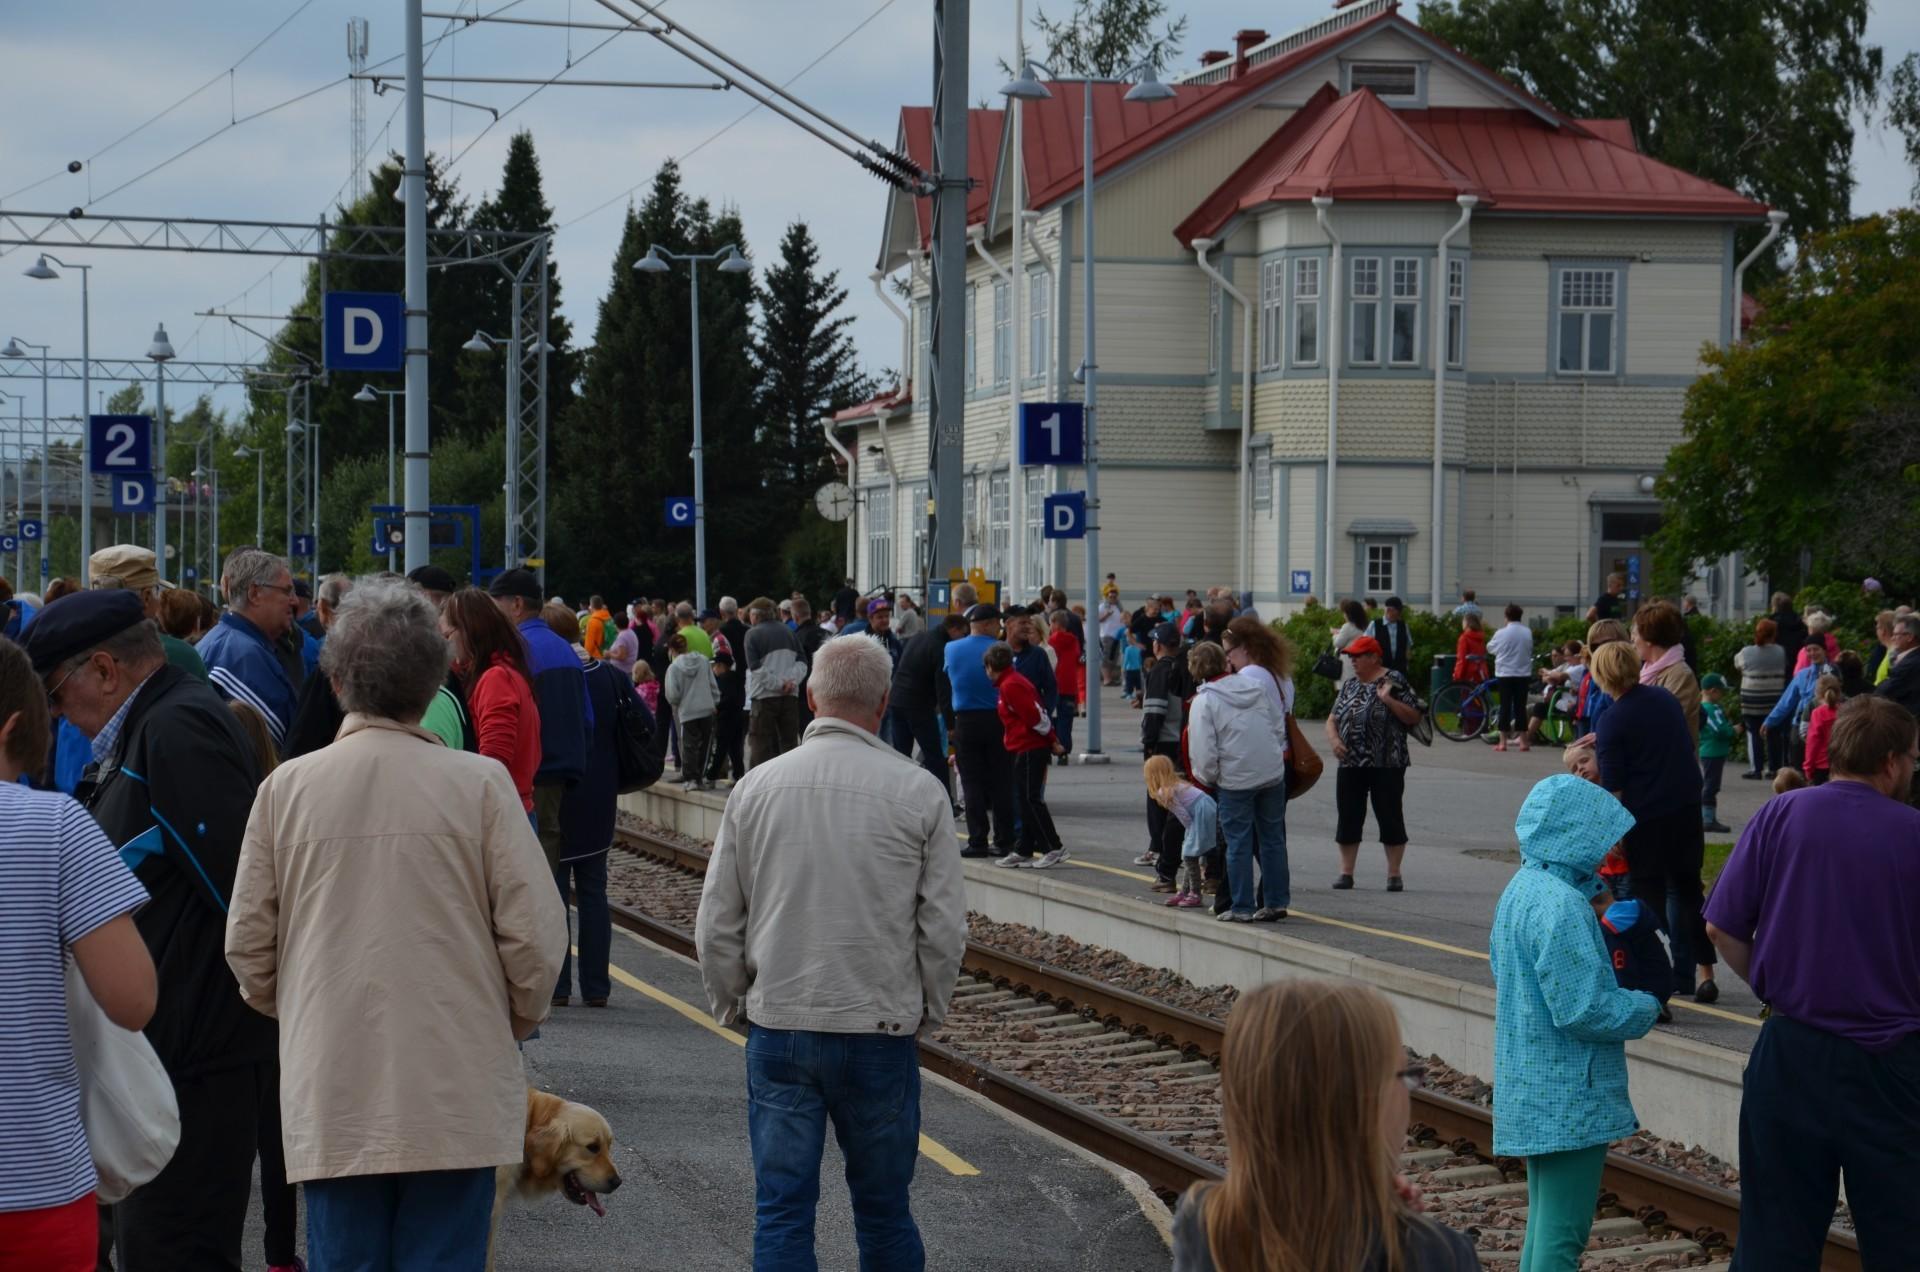 Kajaanilaiset odottavat sankoin joukoin rautatieasemalle saapuvaa höyryveturia 17.8.2013.